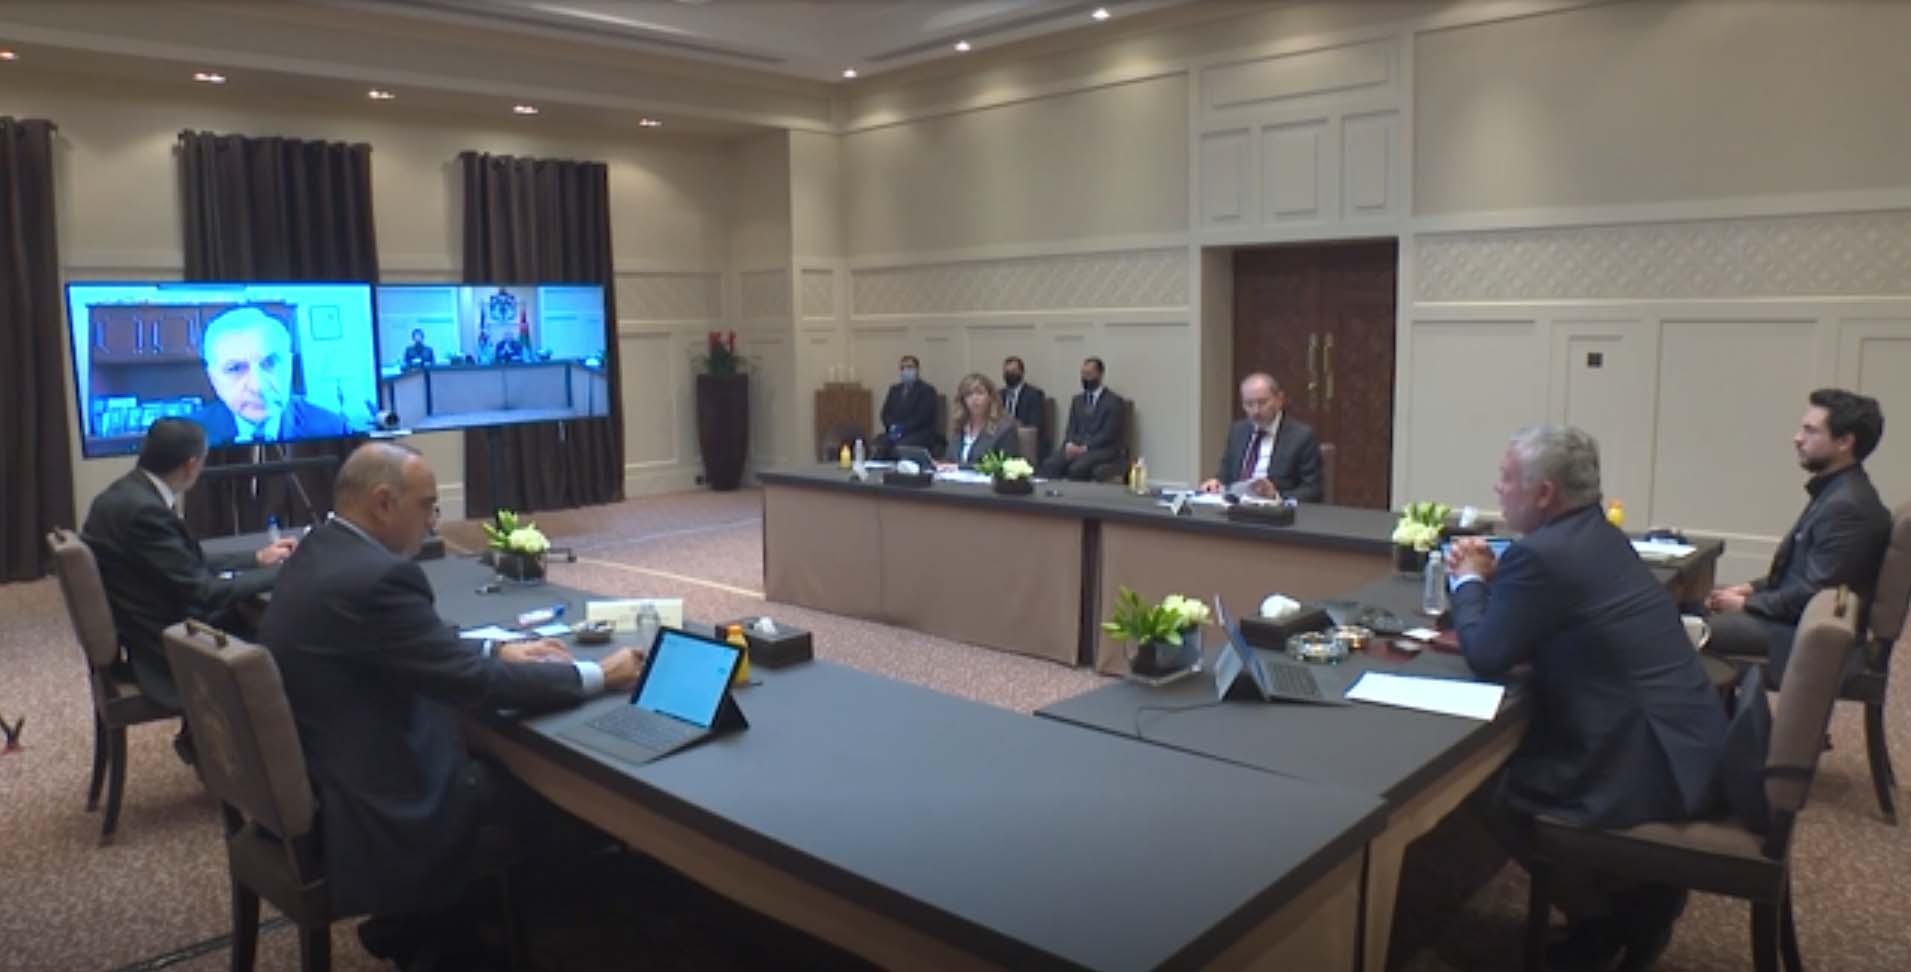 ملك الأردن عبد الله الثاني في اتصال بالفيديو مع مسؤولين أمريكيين